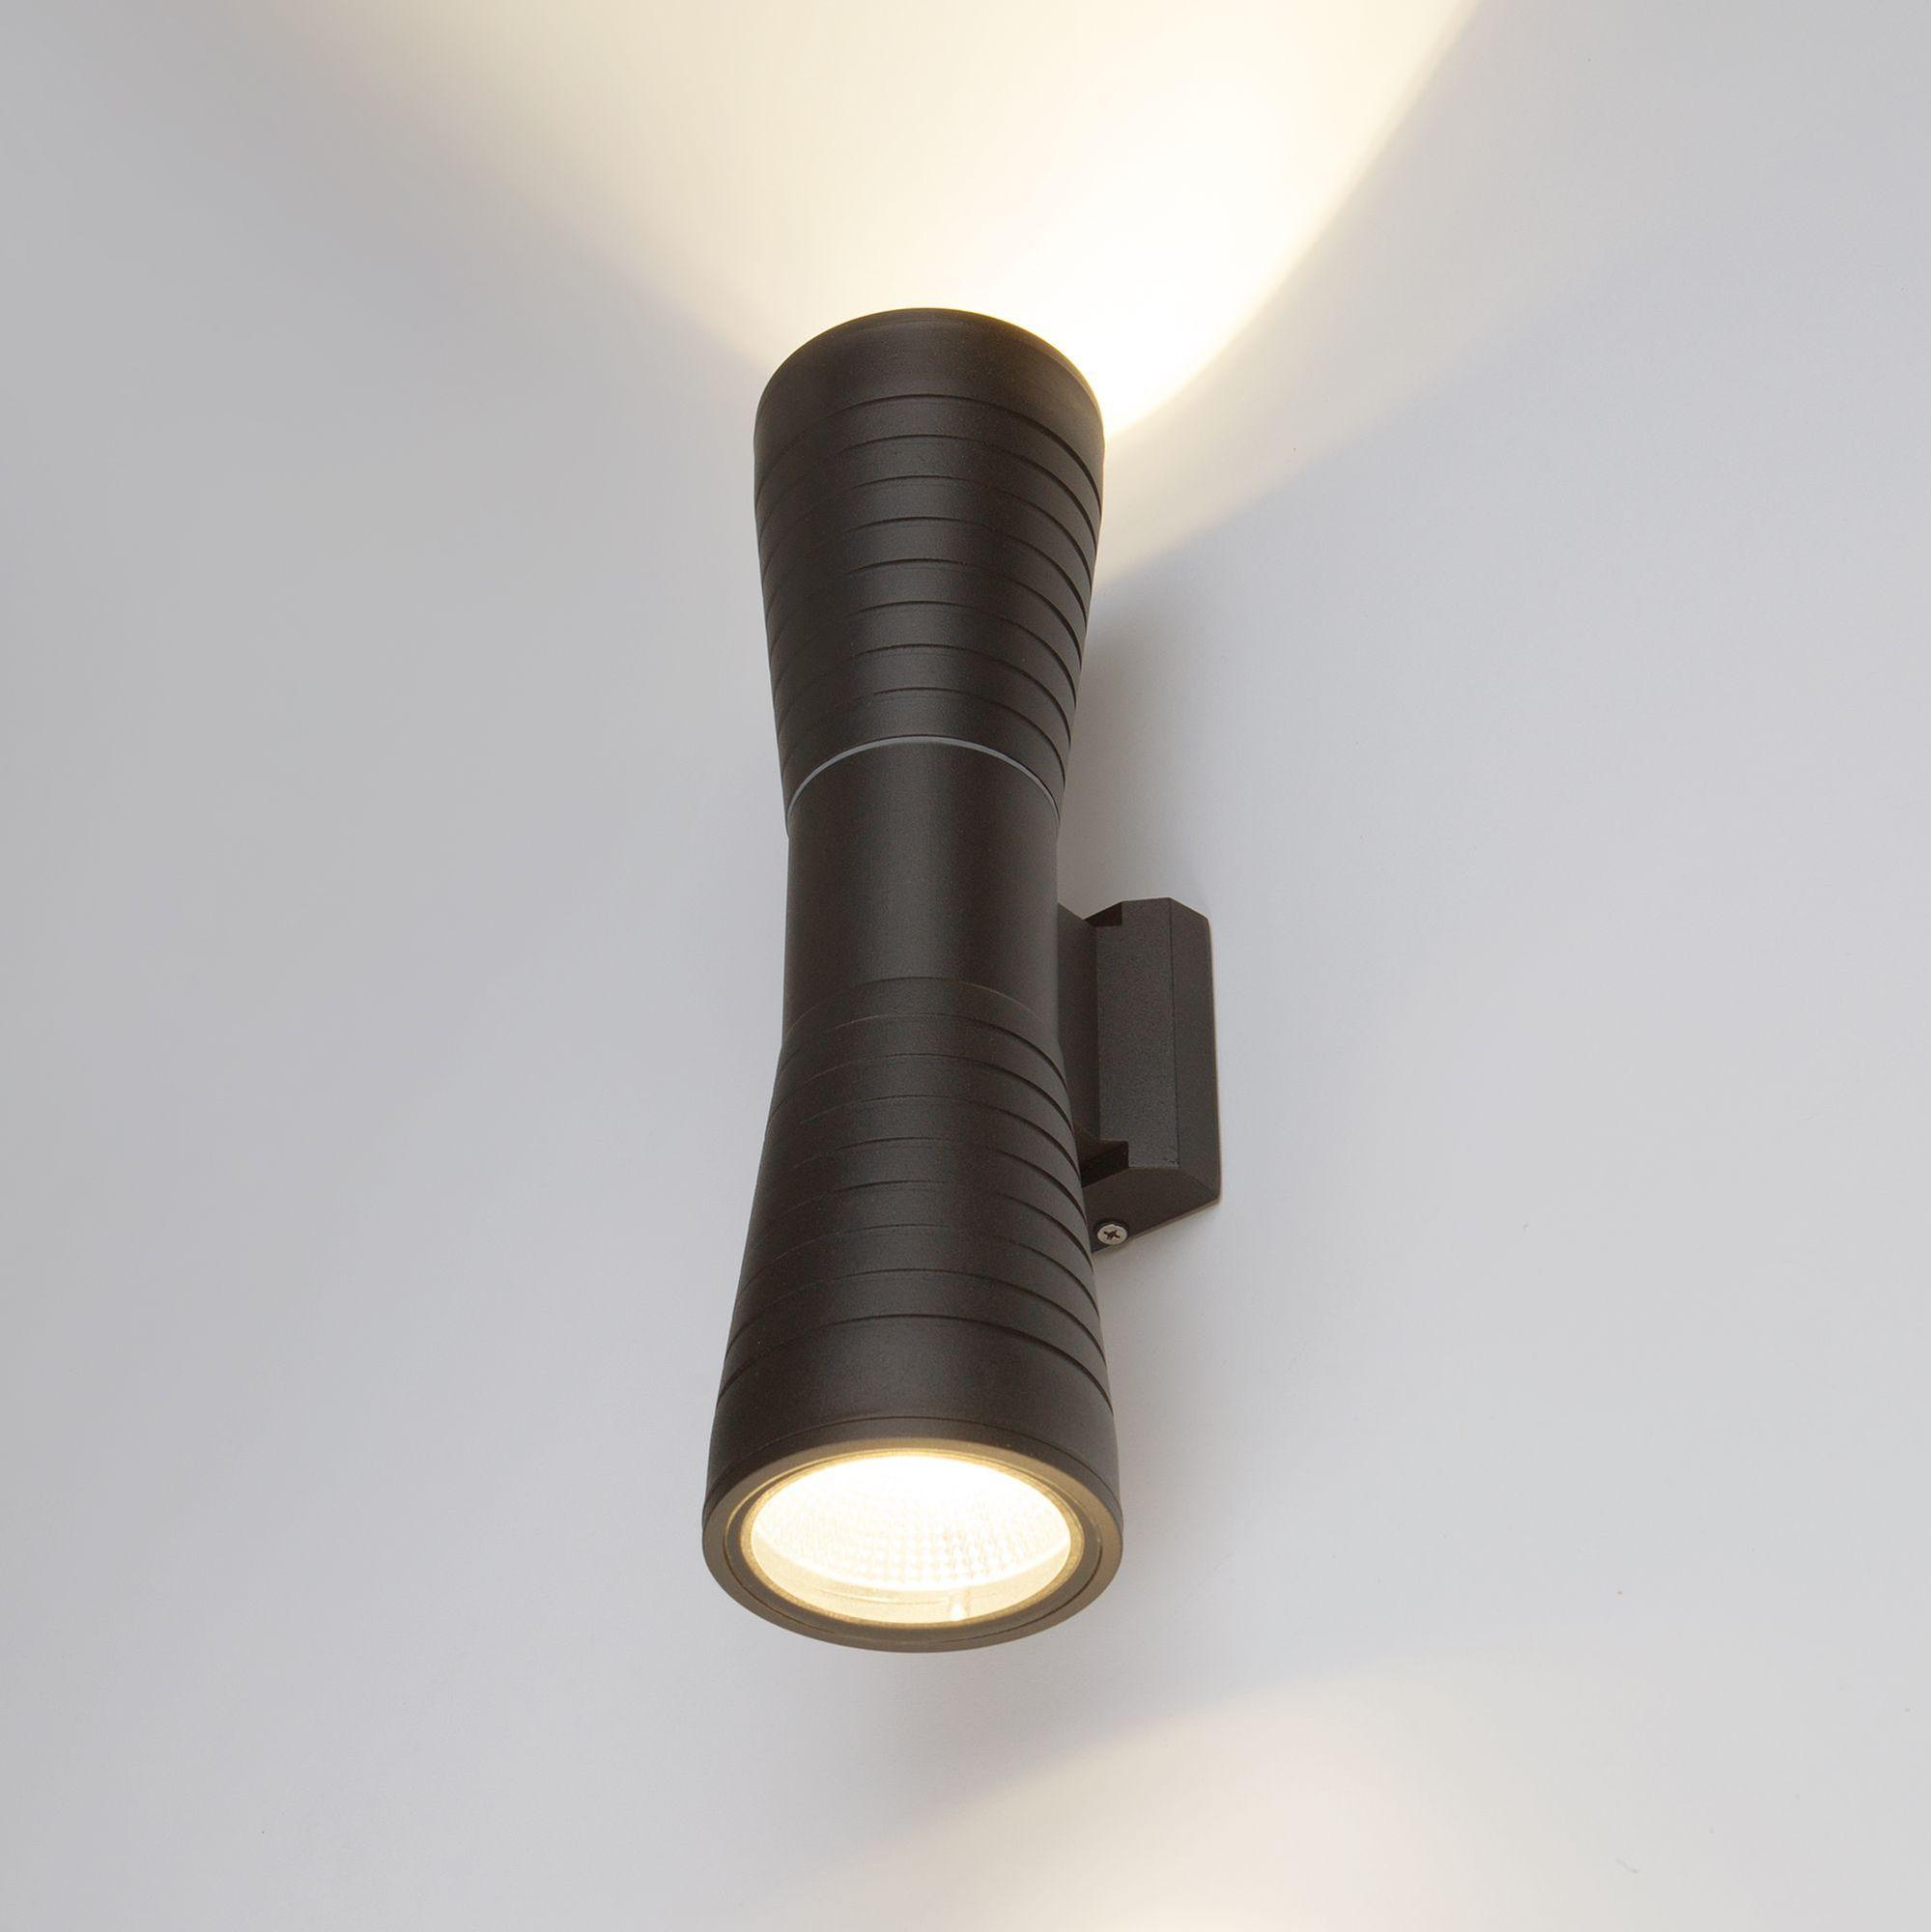 Настенный светодиодный светильник Tube double черный IP54 1502 TECHNO LED